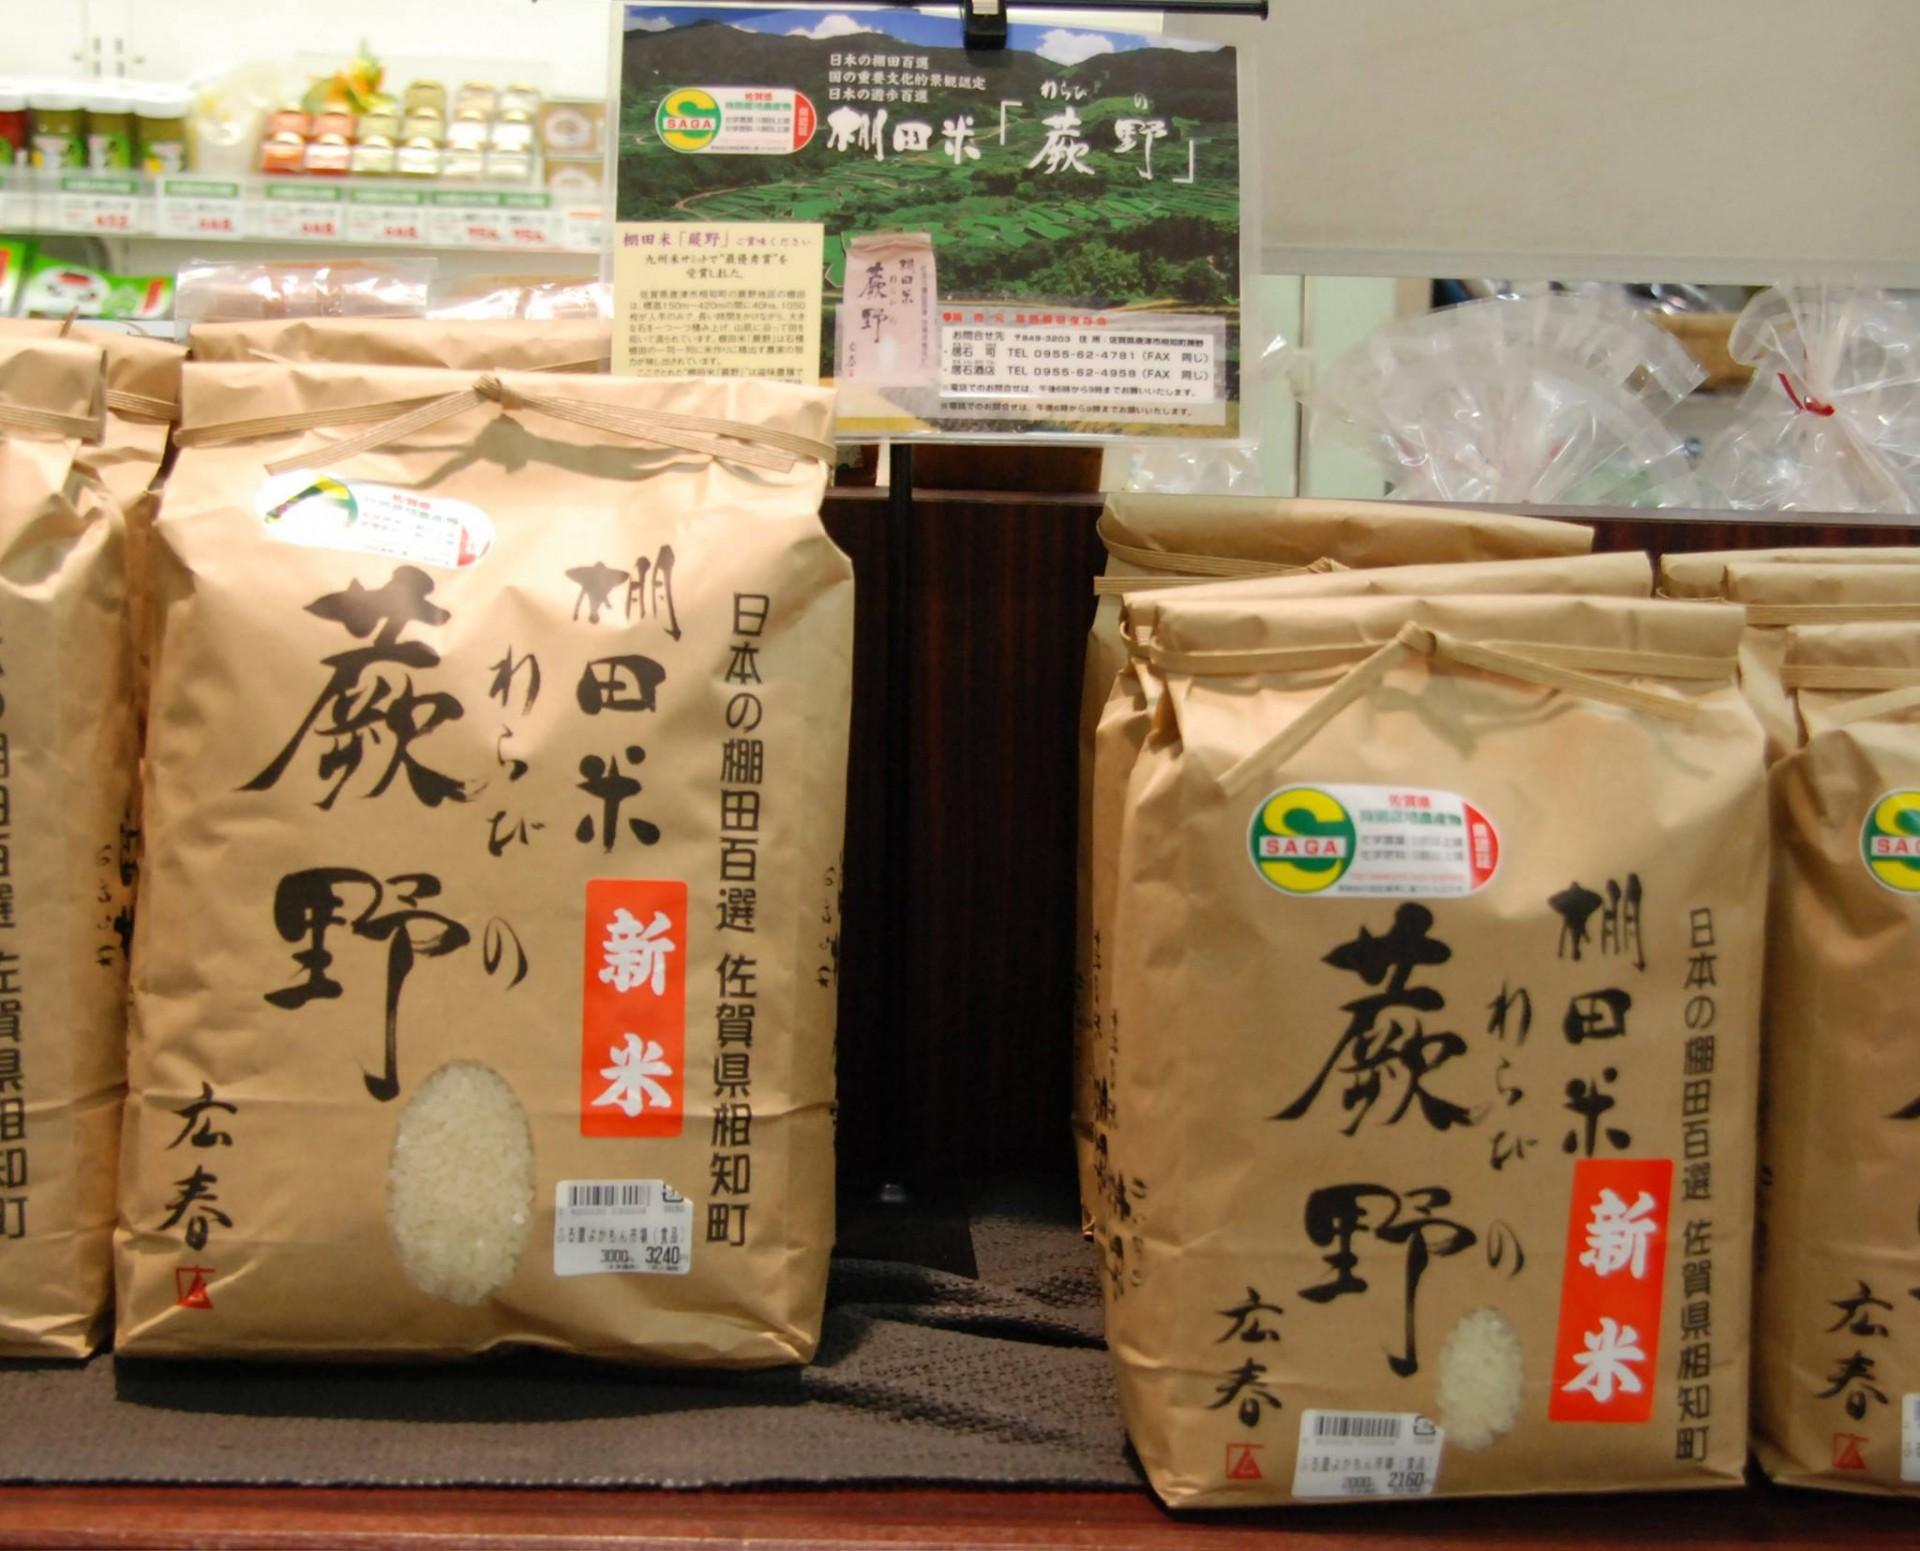 日本の棚田百選にも選ばれた蕨野で作られた棚田米